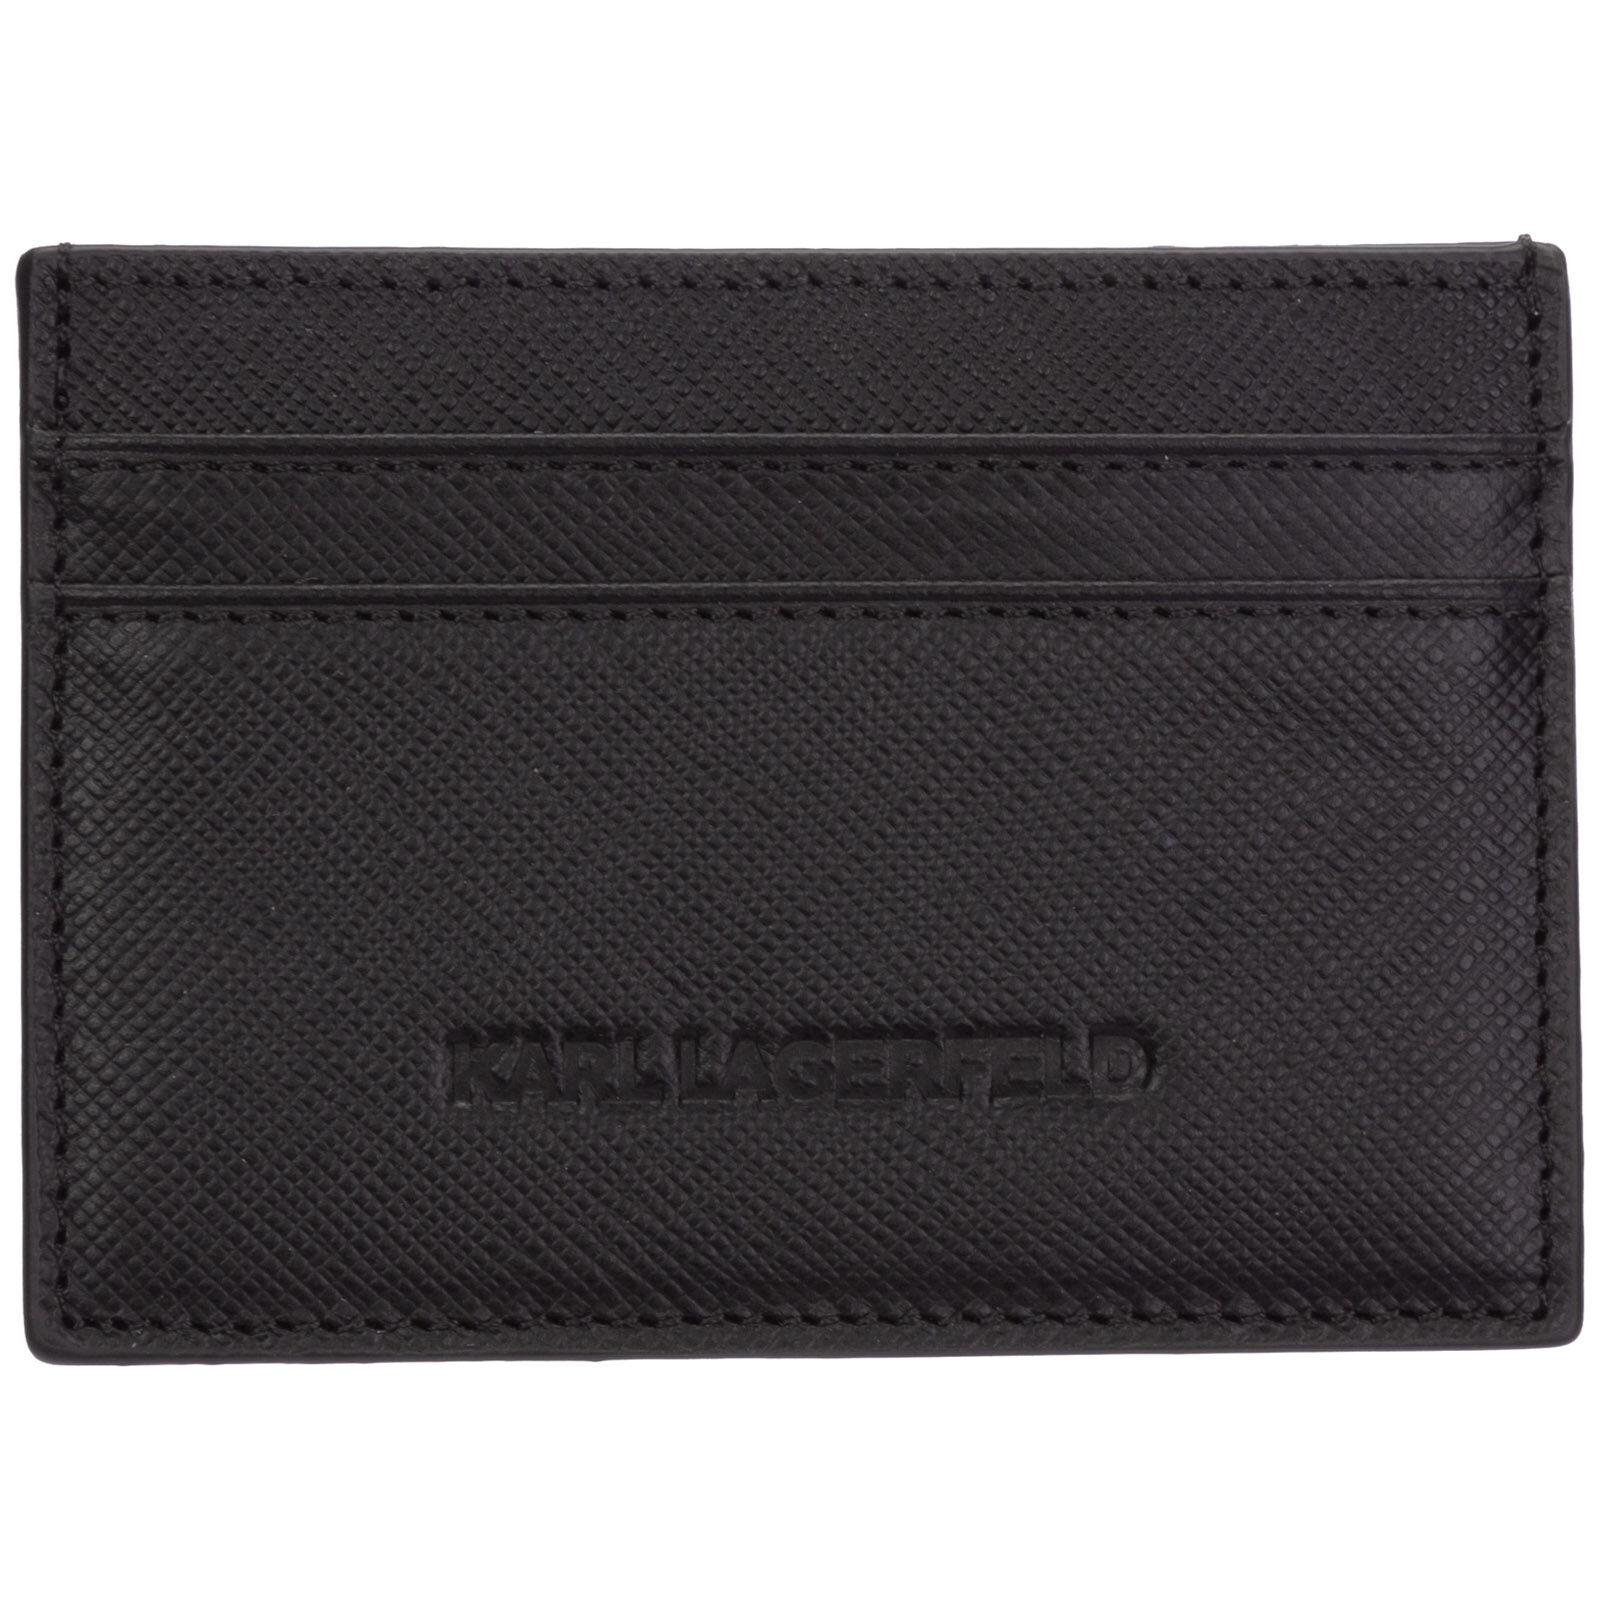 Karl Lagerfeld Men's genuine leather credit card case holder wallet  - Black